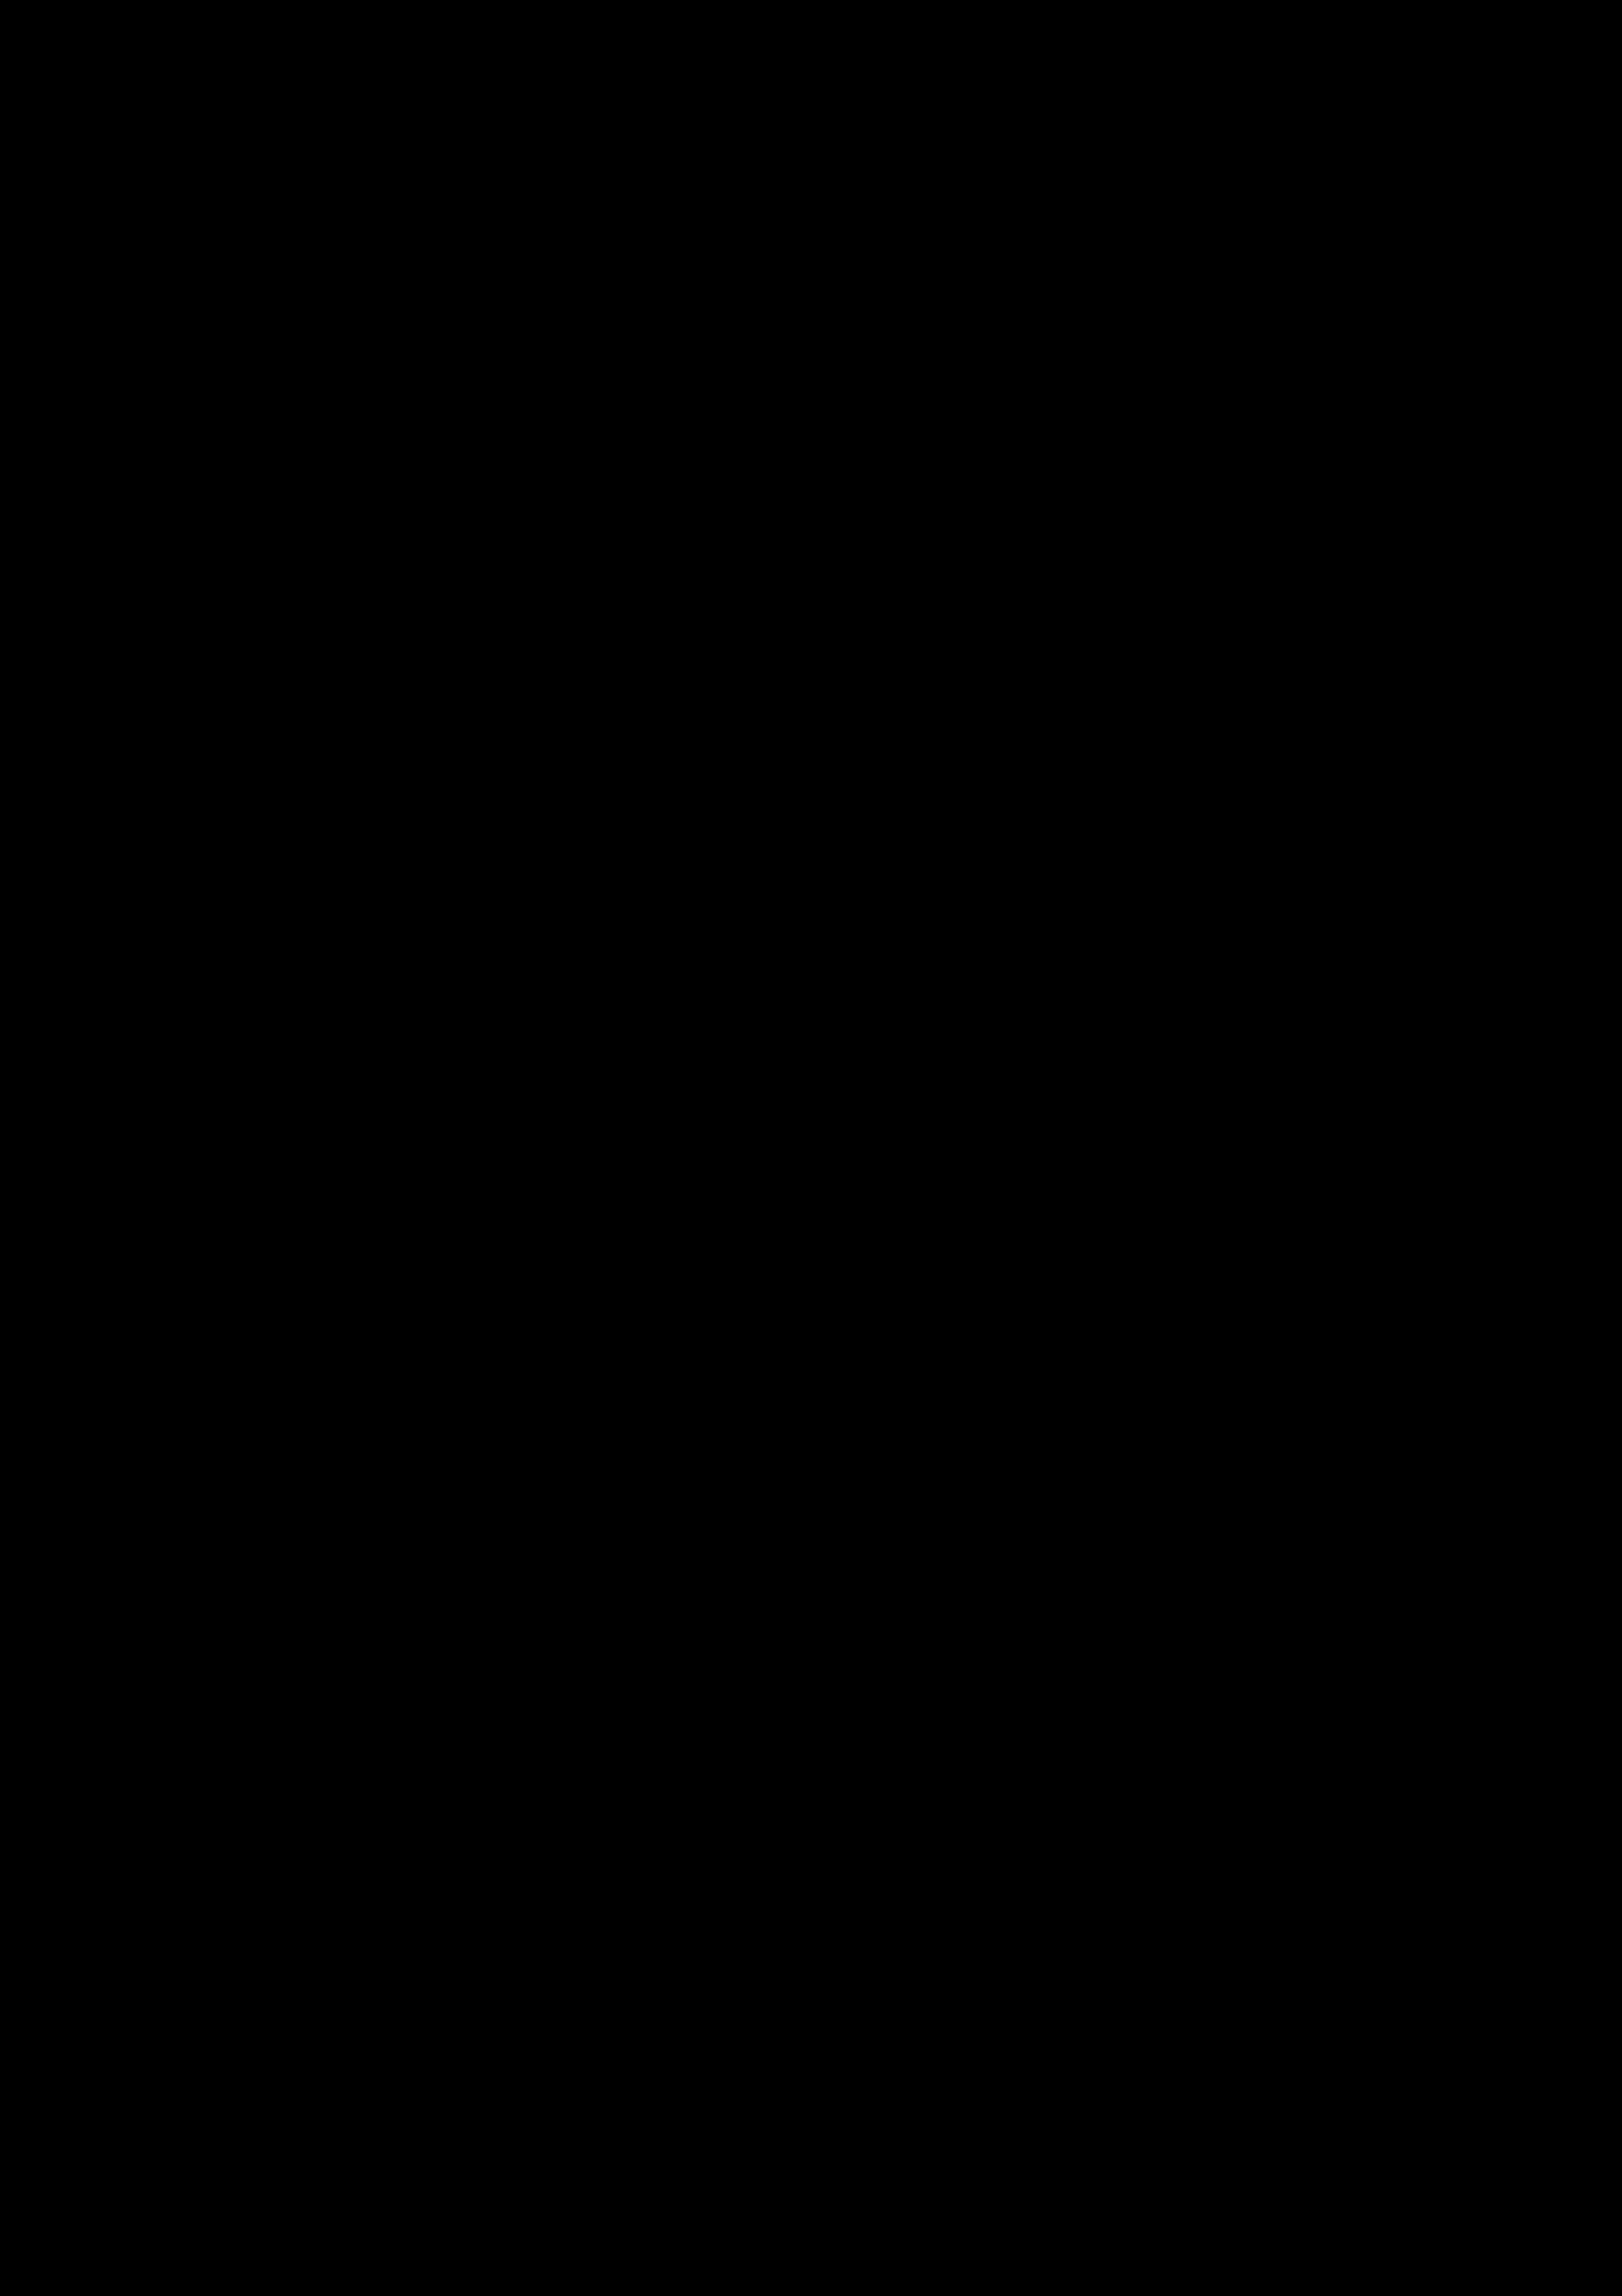 Die Wirtschaftsjunioren Bayreuth holen die Handball-Legende Heiner Brand nach Bayreuth